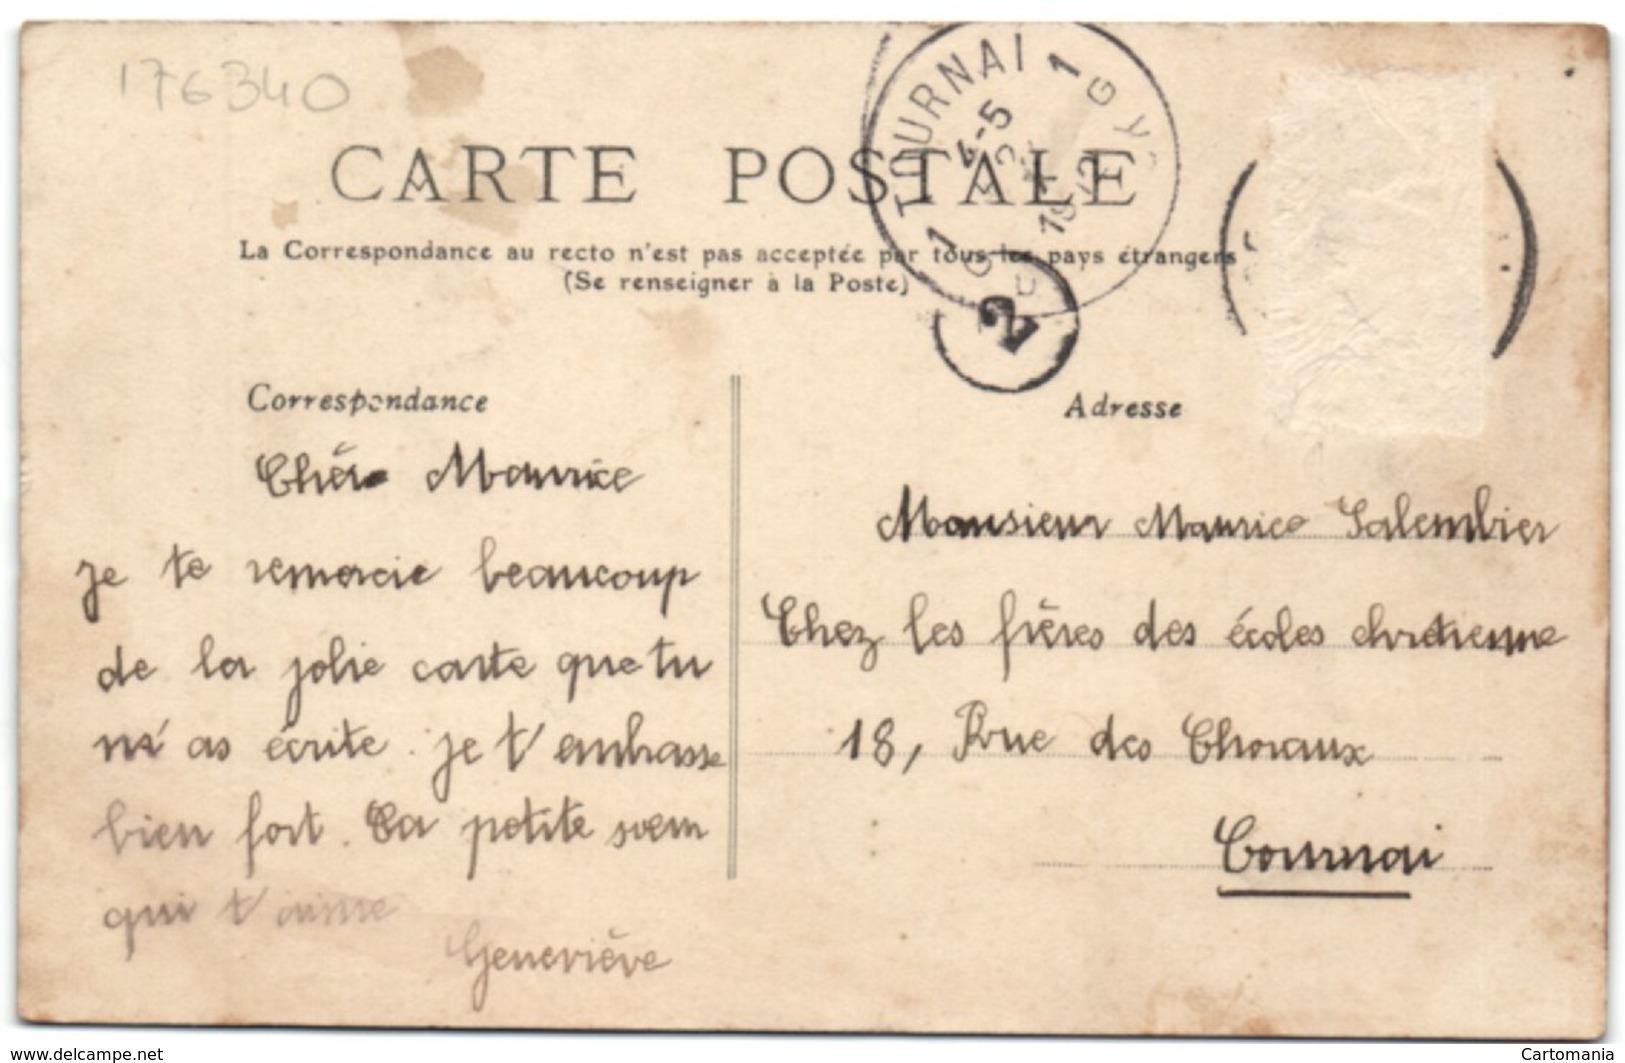 Omeries-Kain - Pensionnat De La Ste-Union De S. S. C. C. - Prmier Cours - Doornik